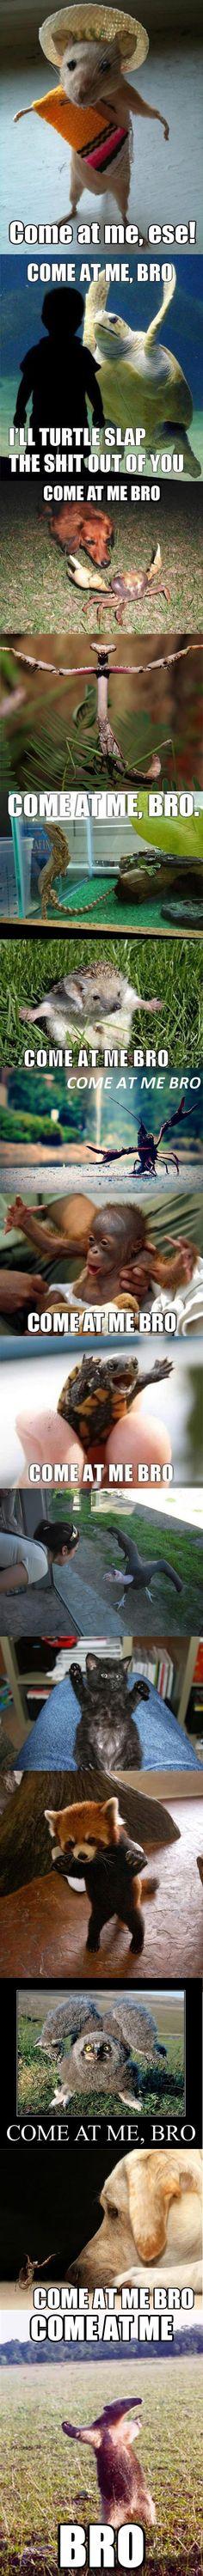 'Come at me Bro' animal compilation…